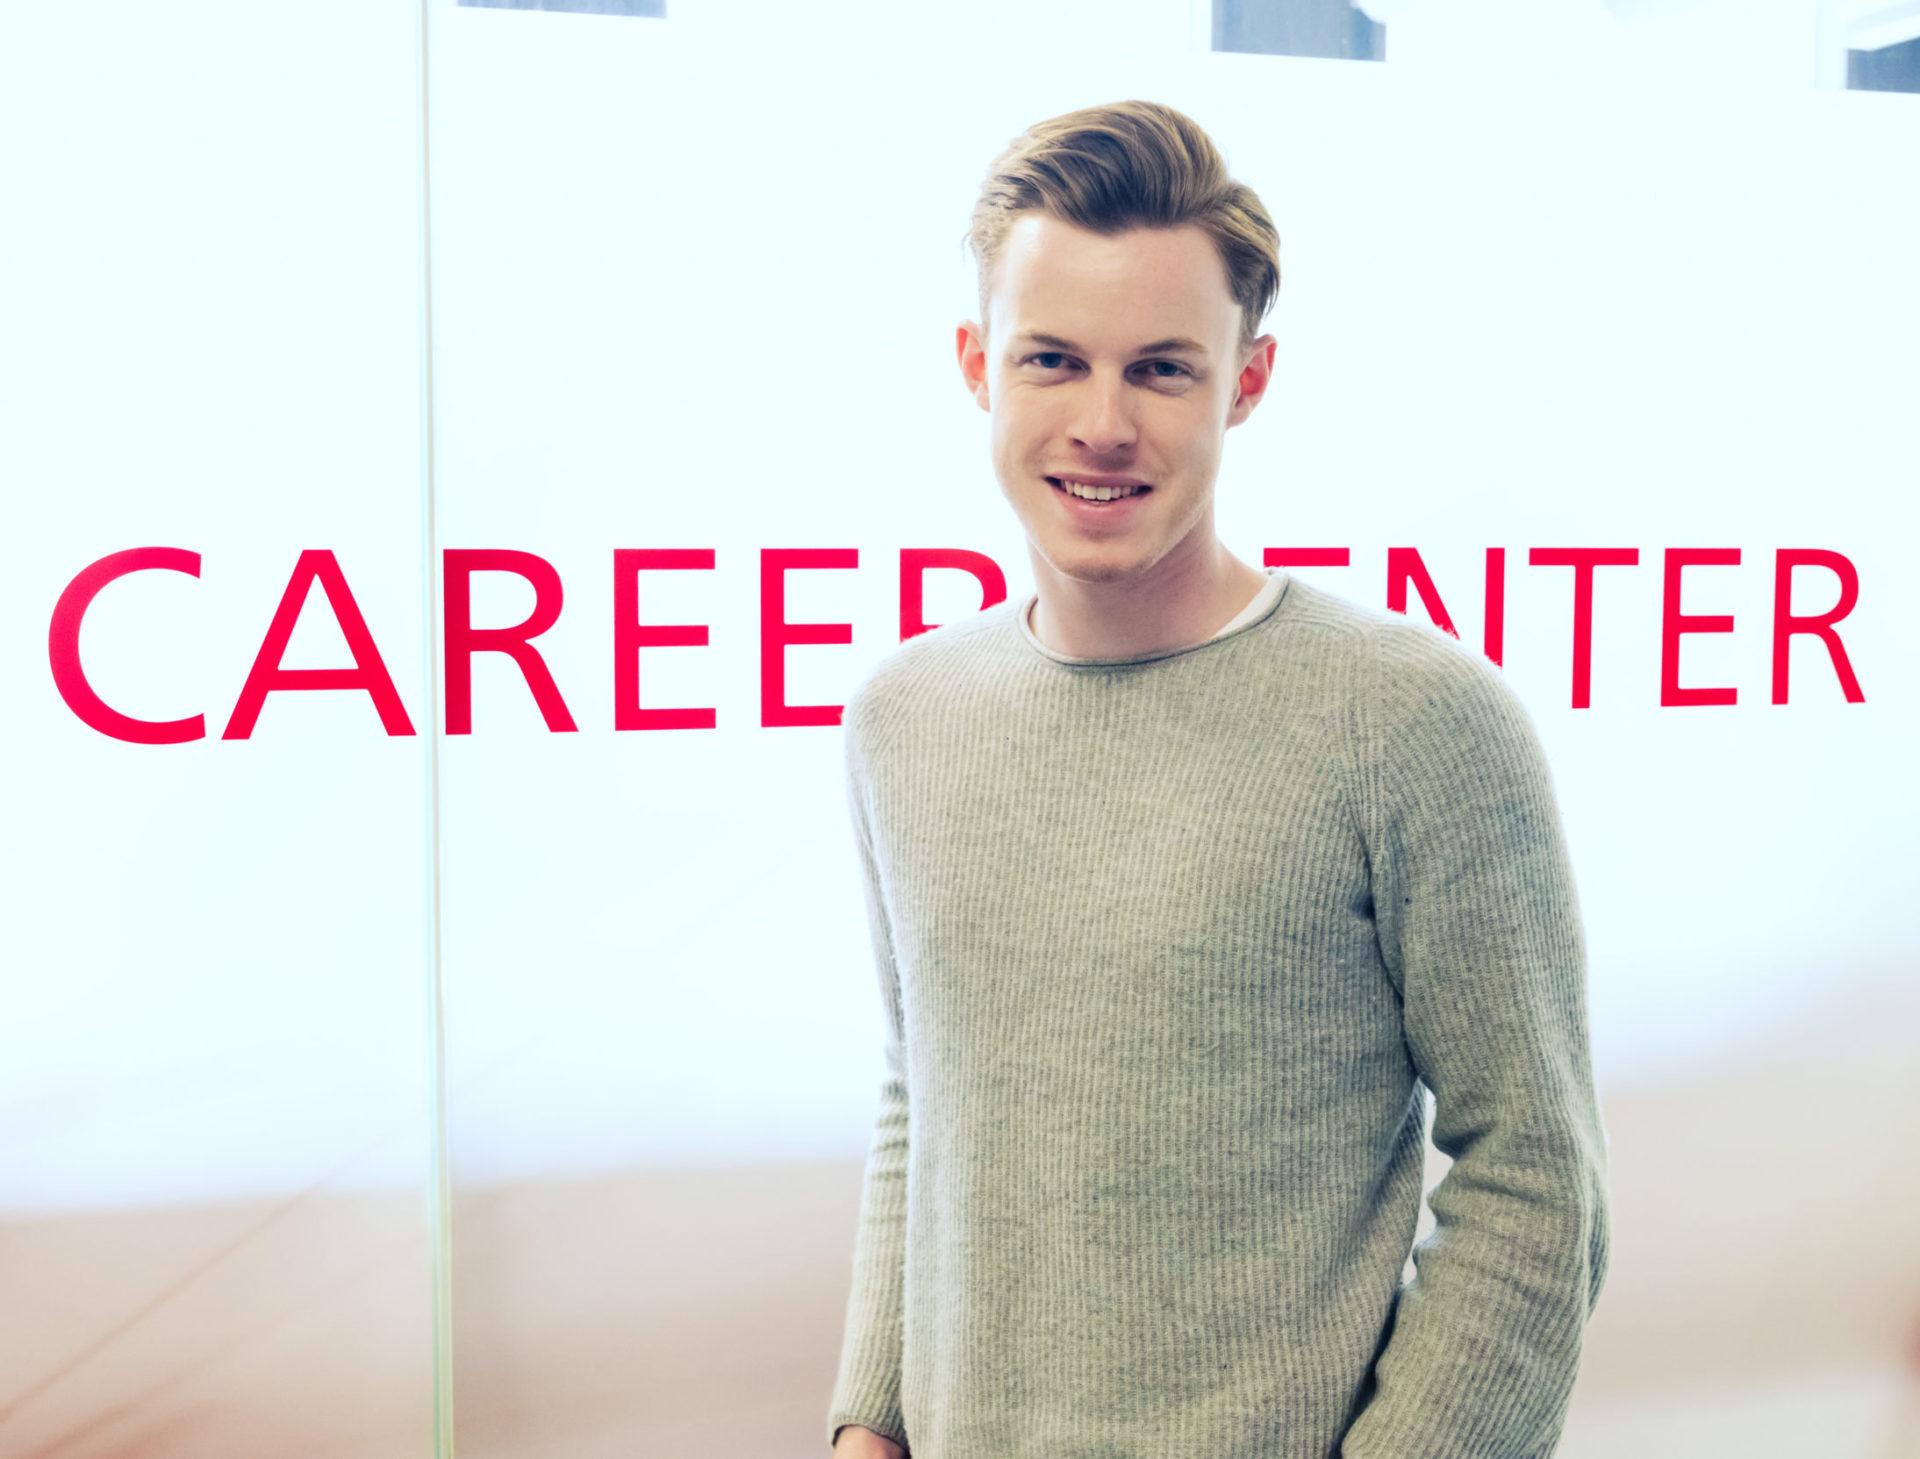 Student vor Career Center